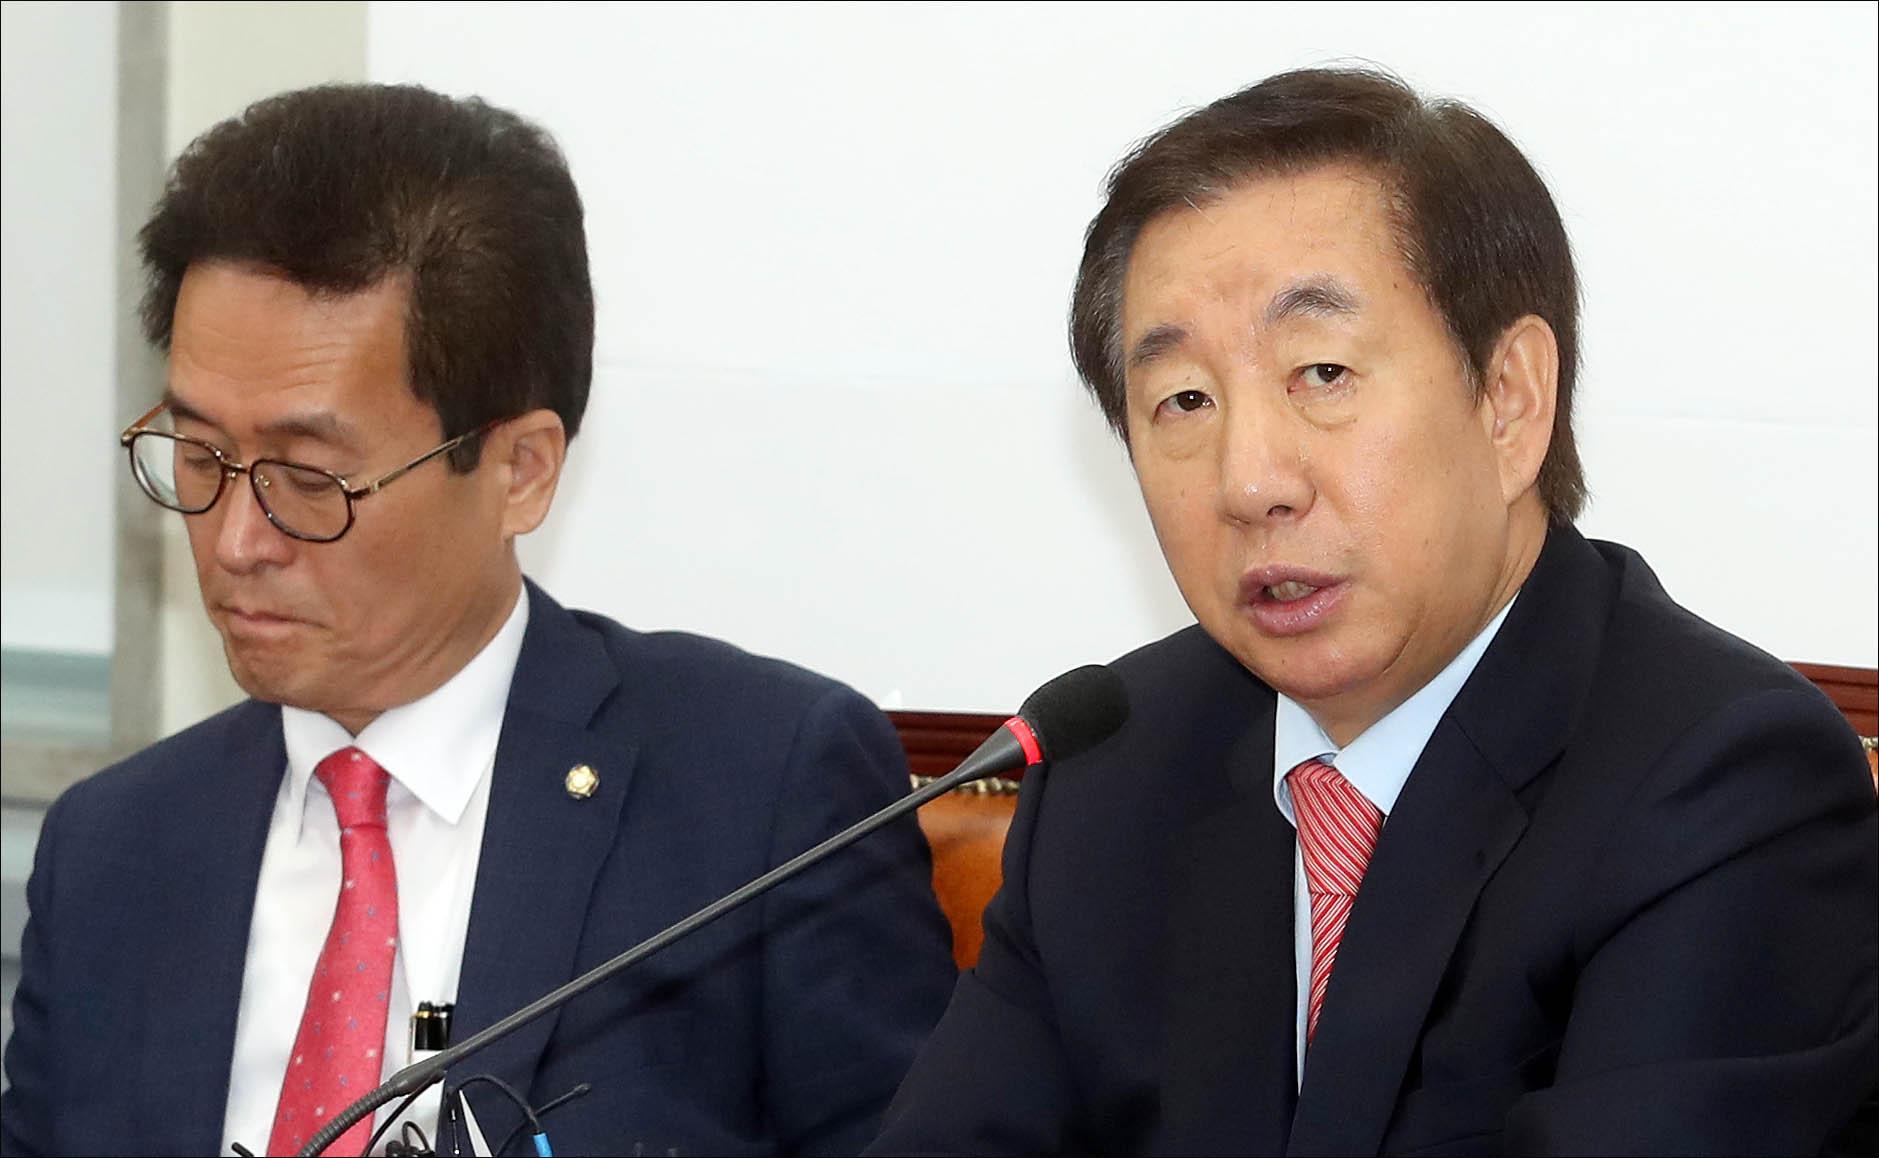 김성태 자유한국당 원내대표가 지난 15일 오전 국회에서 열린 비상대책위원회의에서 발언하고 있다. (자료사진) ⓒ데일리안 박항구 기자